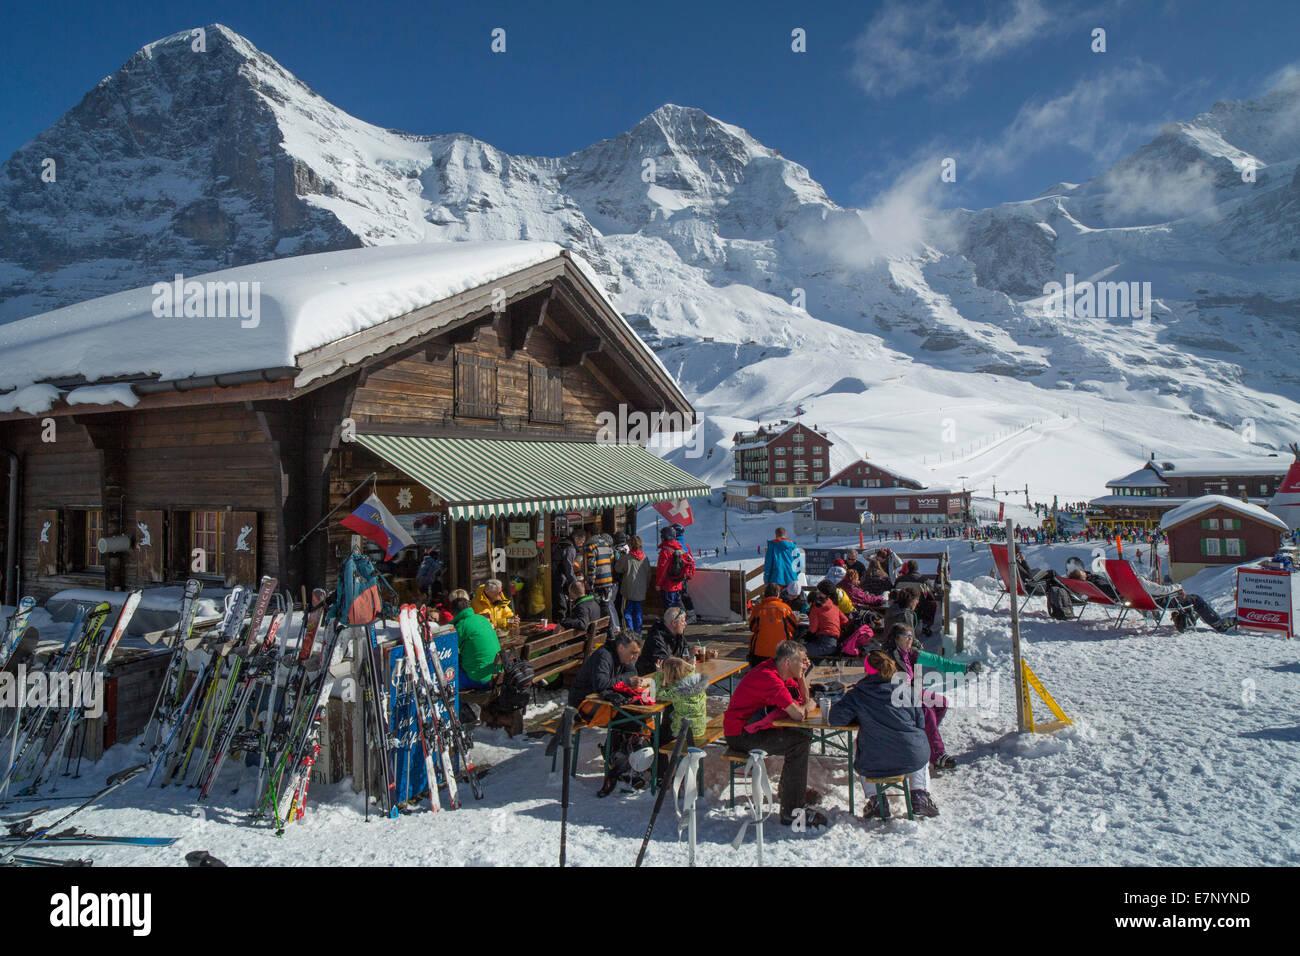 Ski, ski tourist, Kleine Scheidegg, Eiger, monk, Mönch, Jungfrau, mountain, mountains, ski, skiing, Carving, - Stock Image